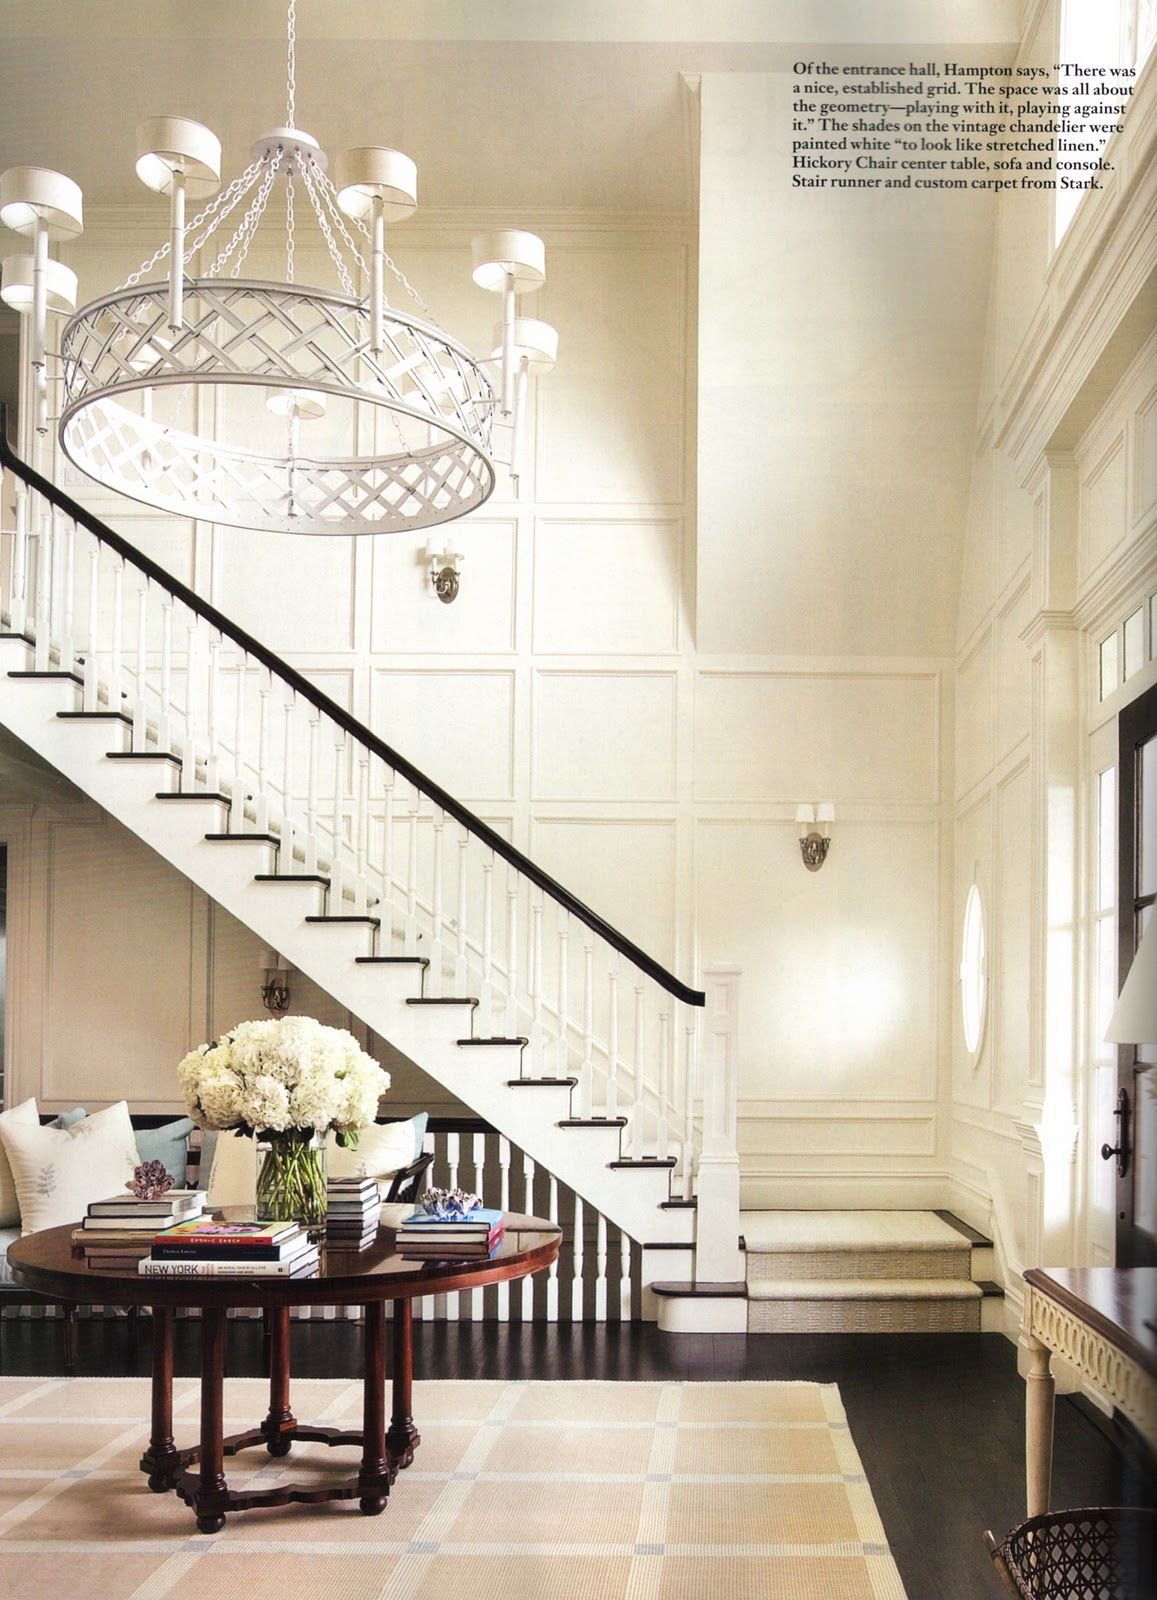 Us Interior Designs Jacques Grange: US Interior Designs: ALEXA HAMPTON